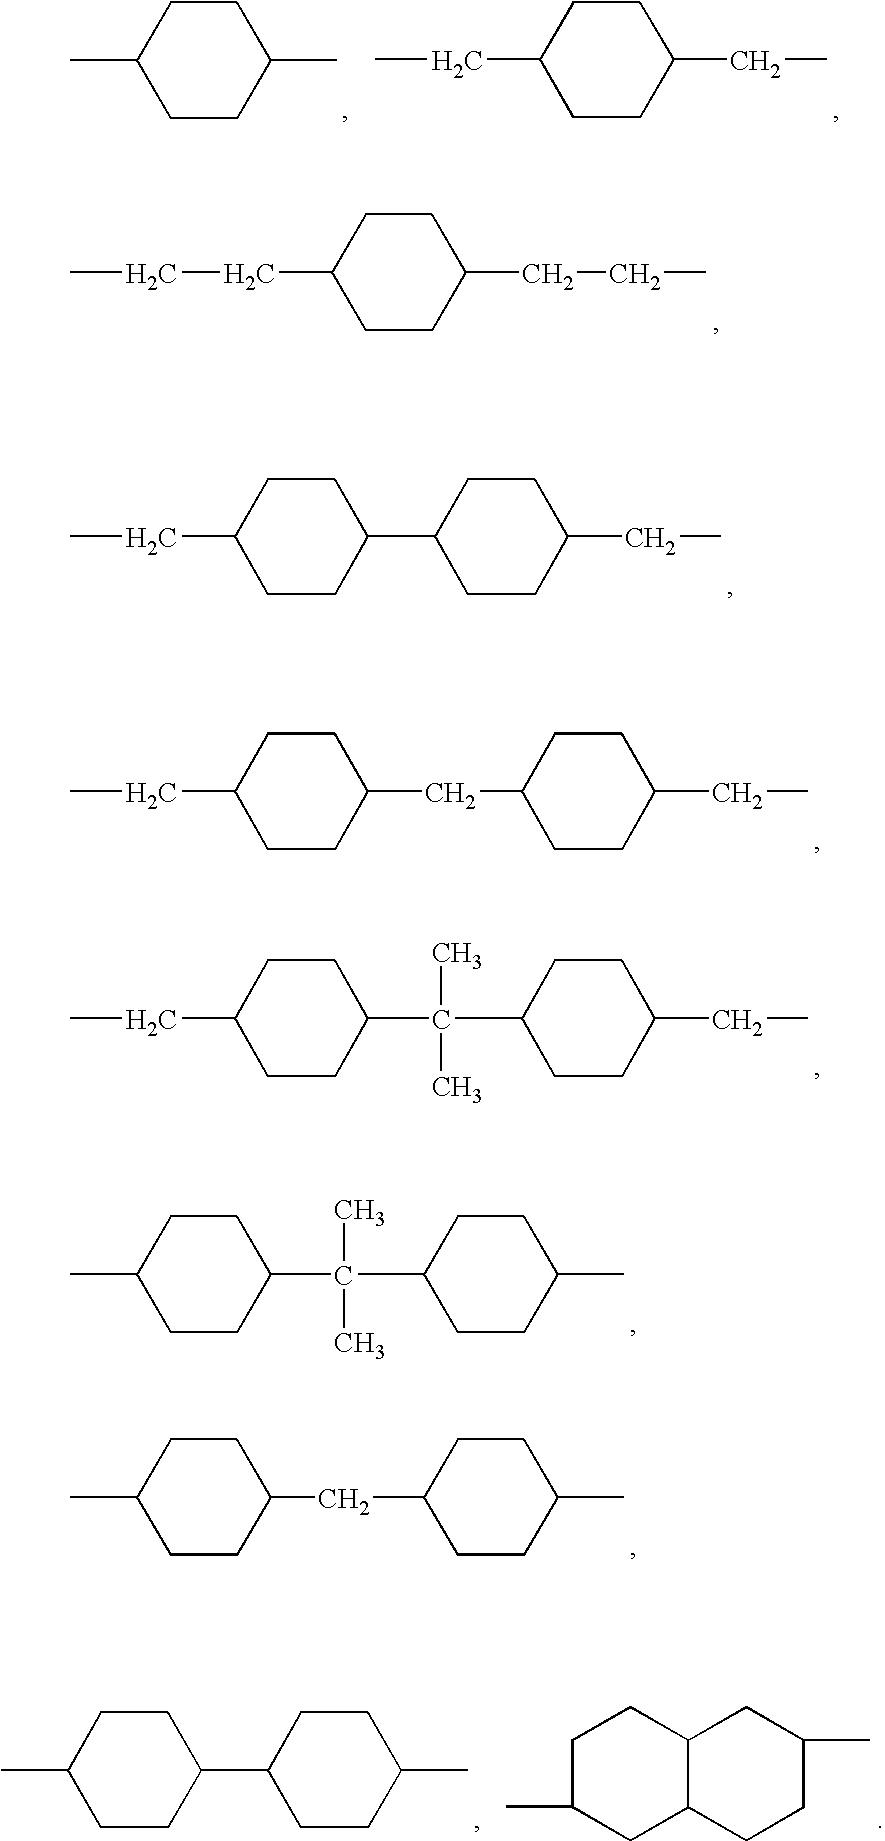 Figure US20070232744A1-20071004-C00019